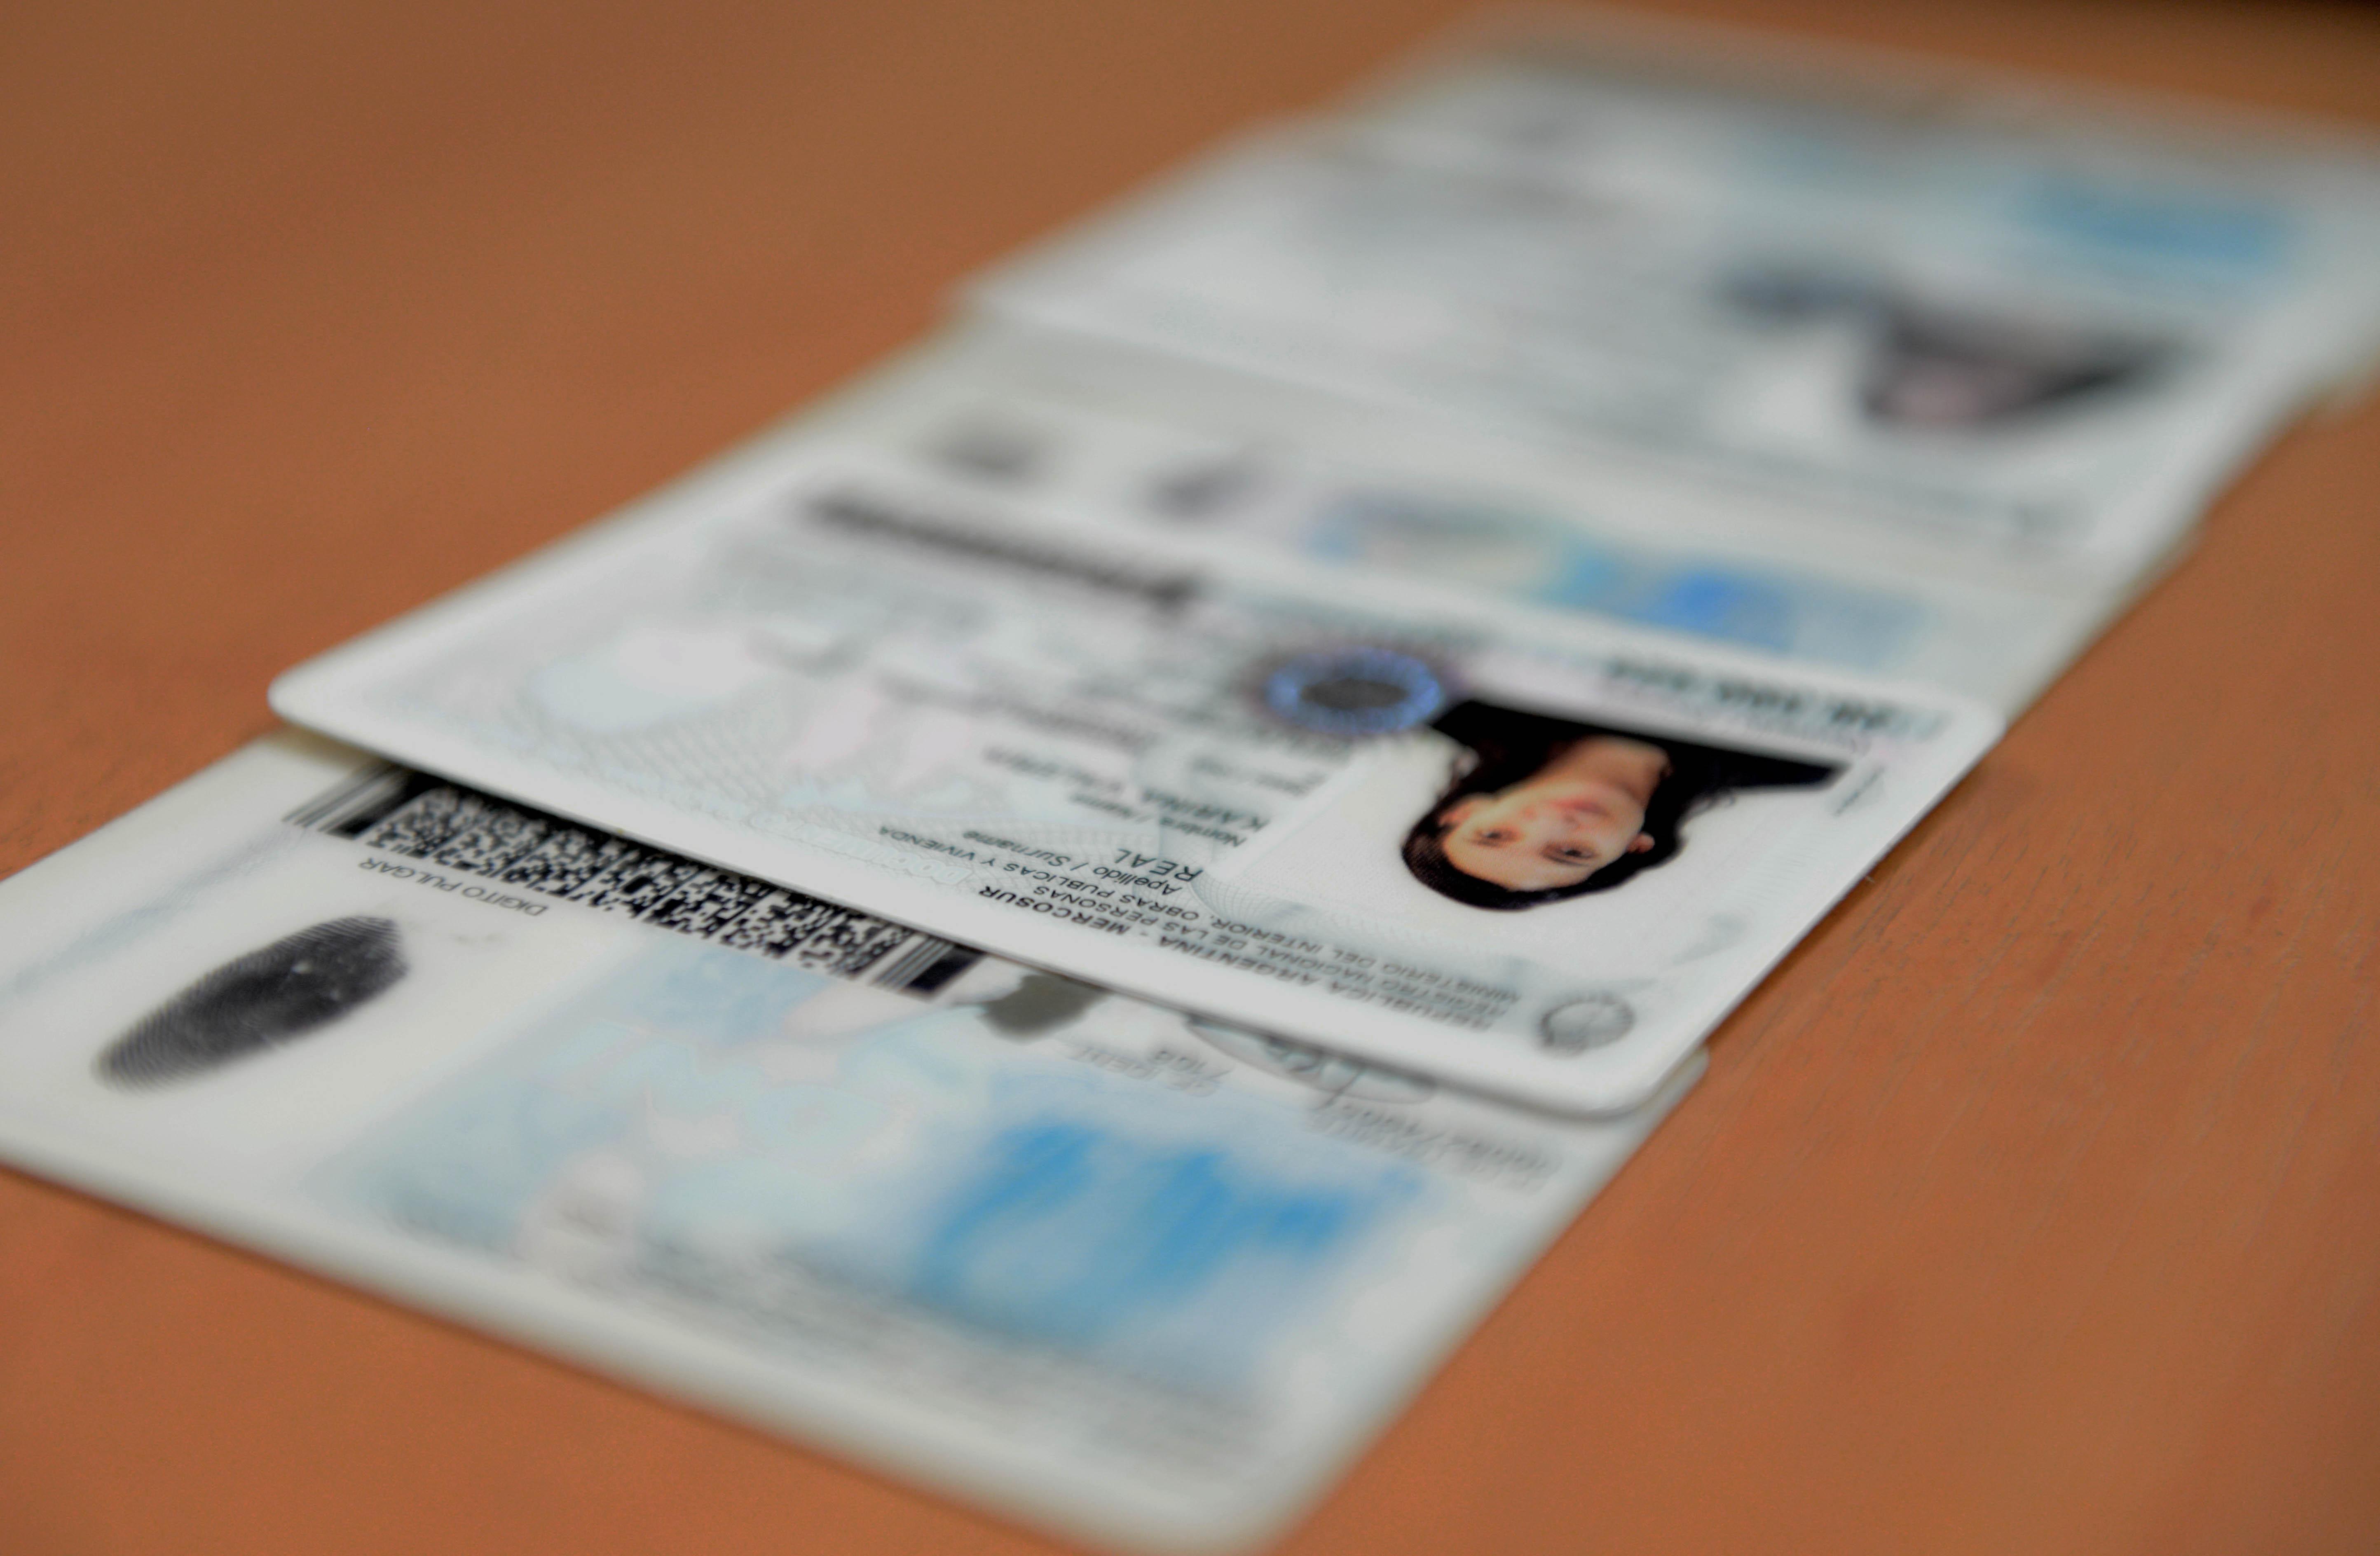 Registro para prevenir el robo de identidad